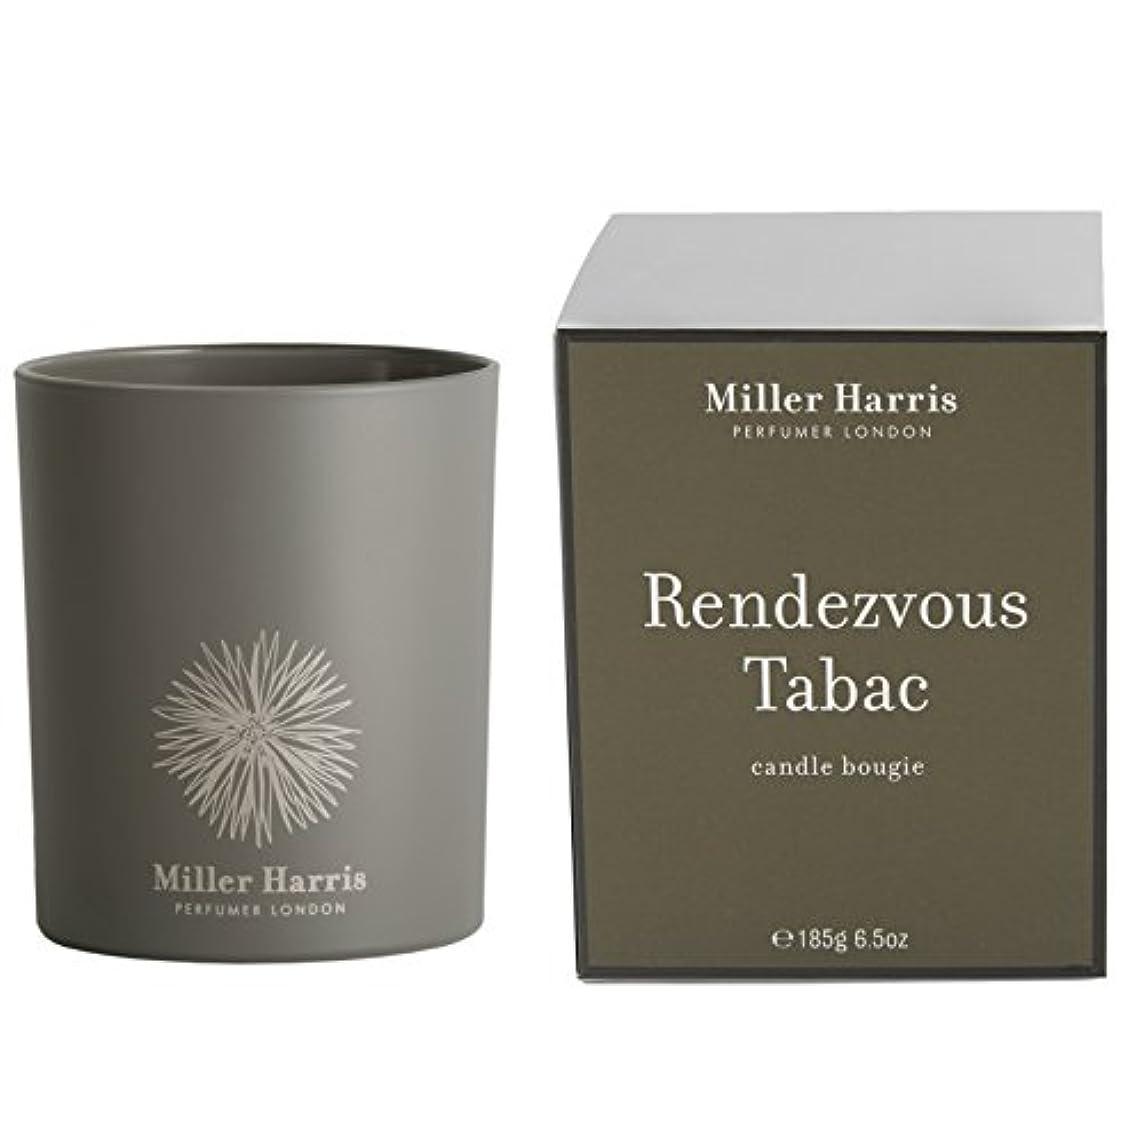 ミラーハリス Candle - Rendezvous Tabac 185g/6.5oz並行輸入品